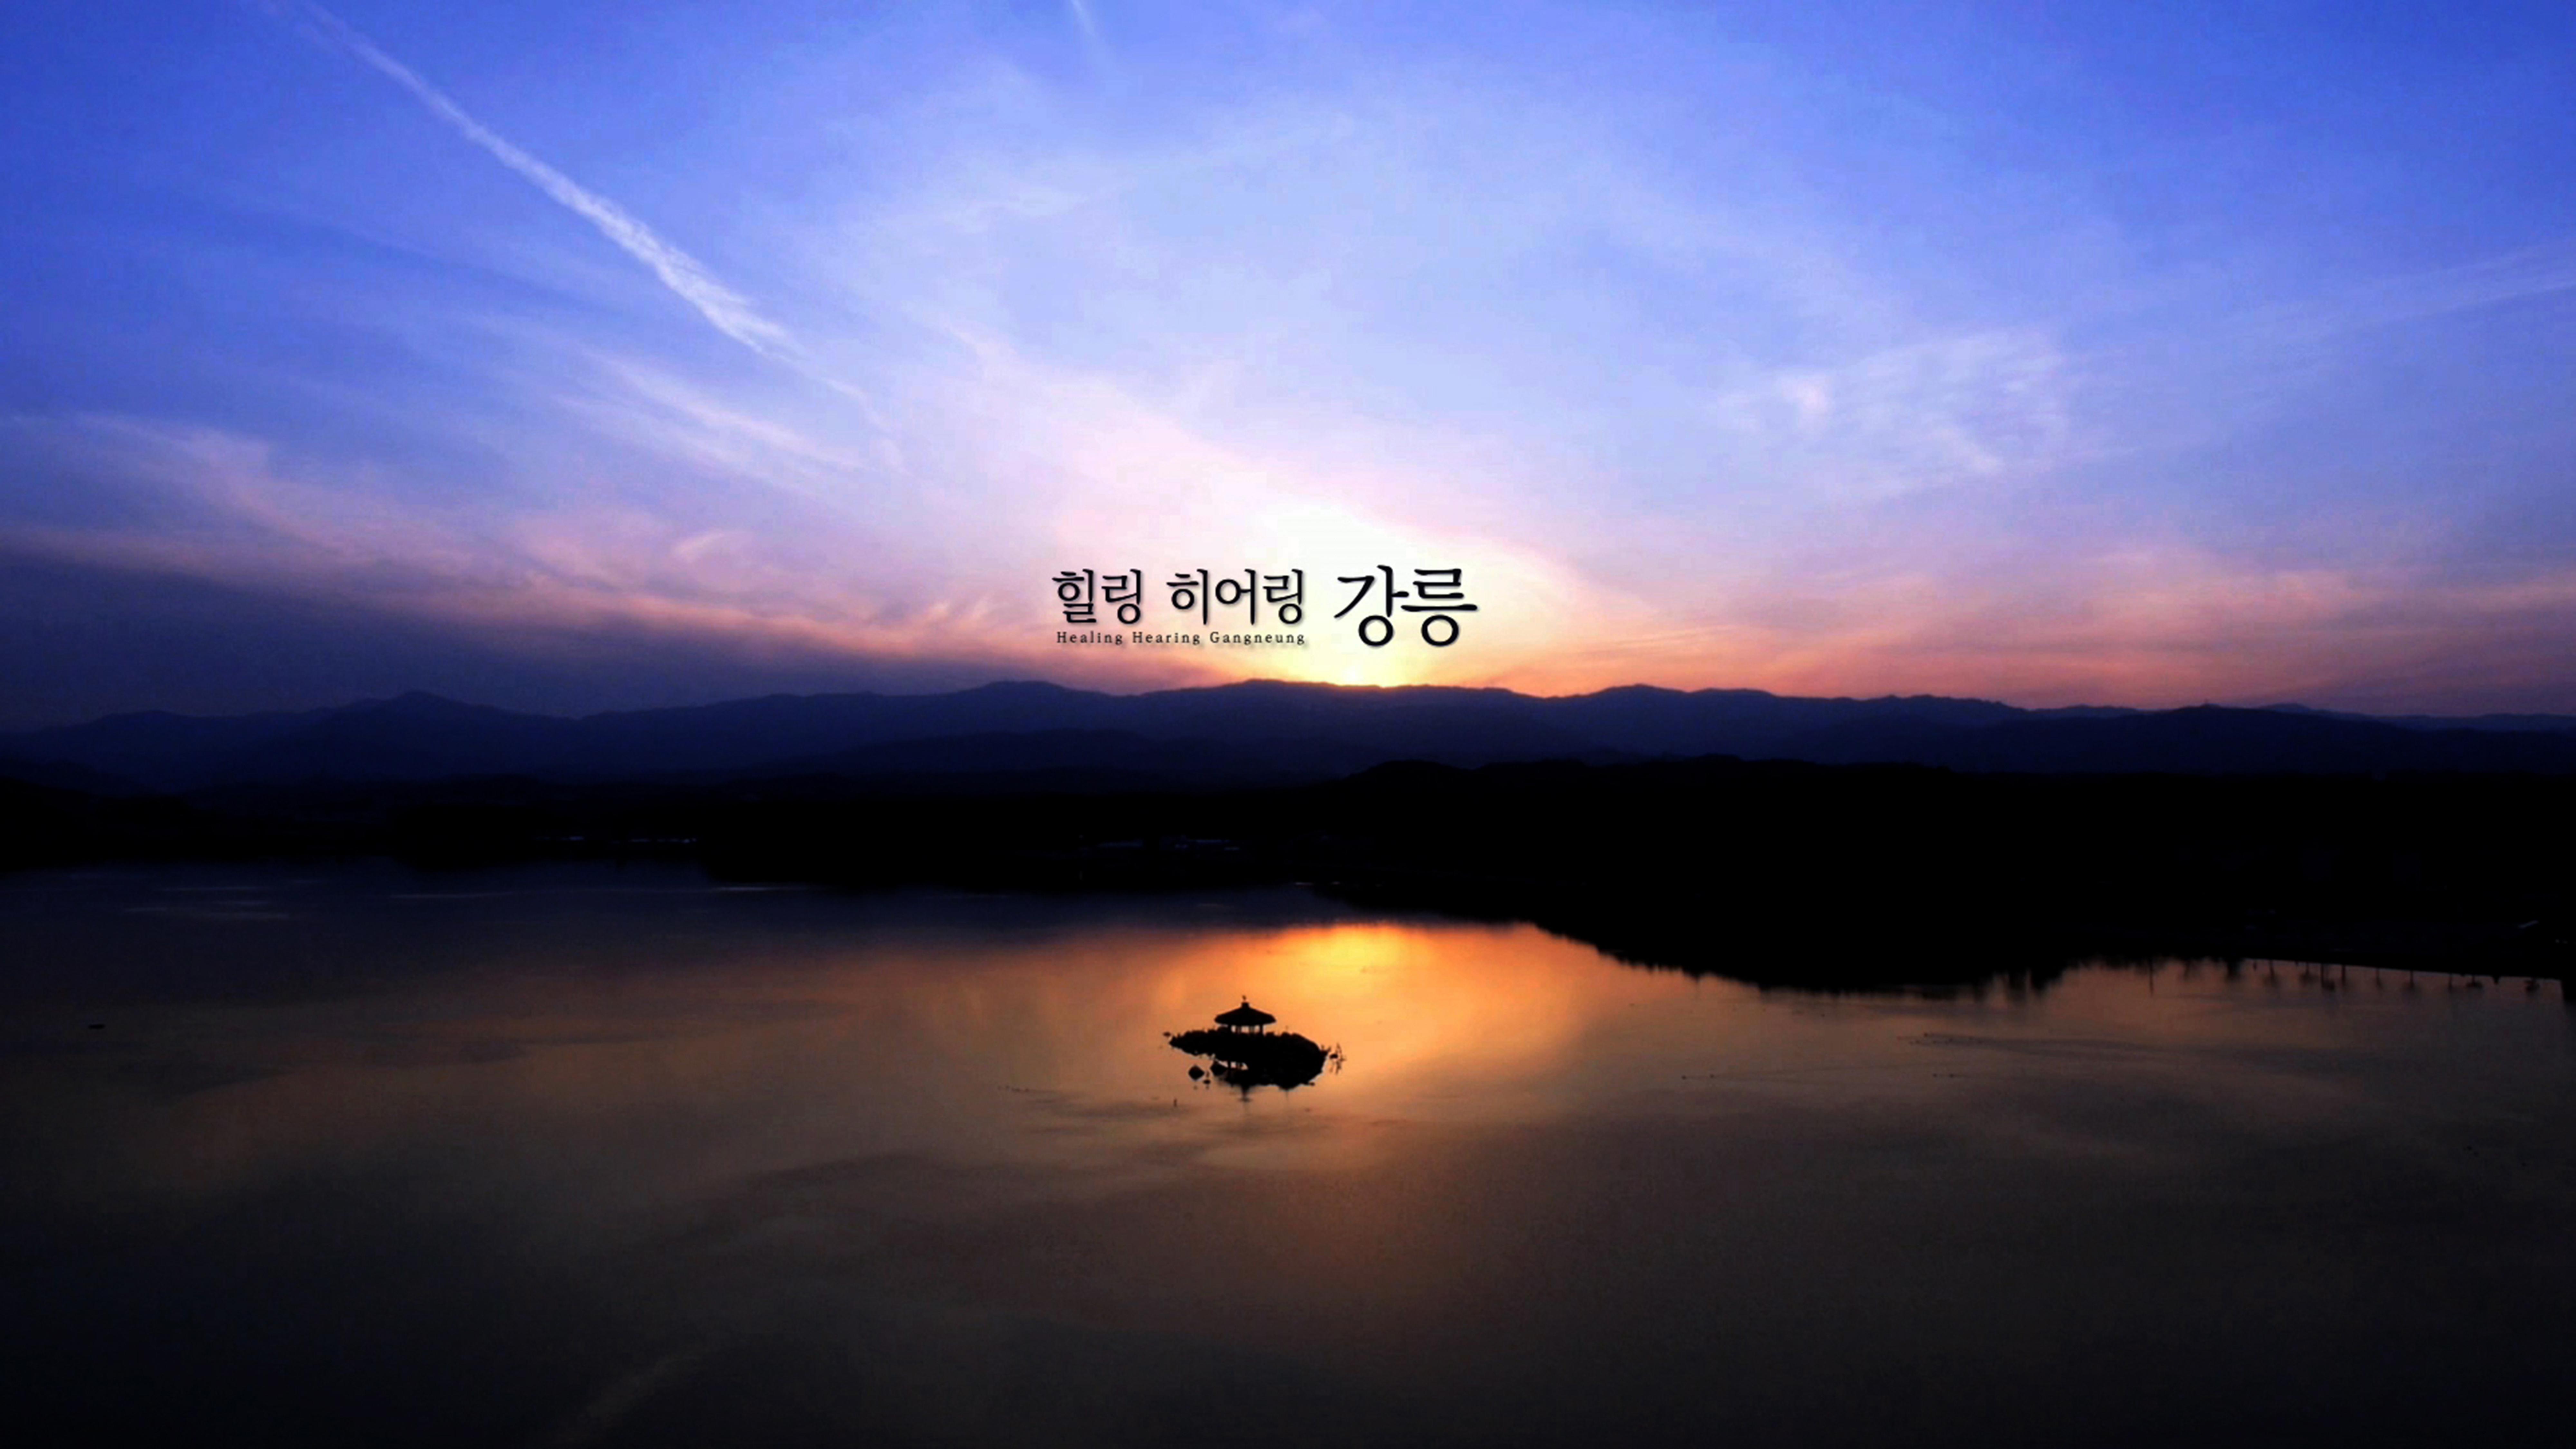 07_#월파정엔딩컷_공식홍보컷_힐링히어링강릉